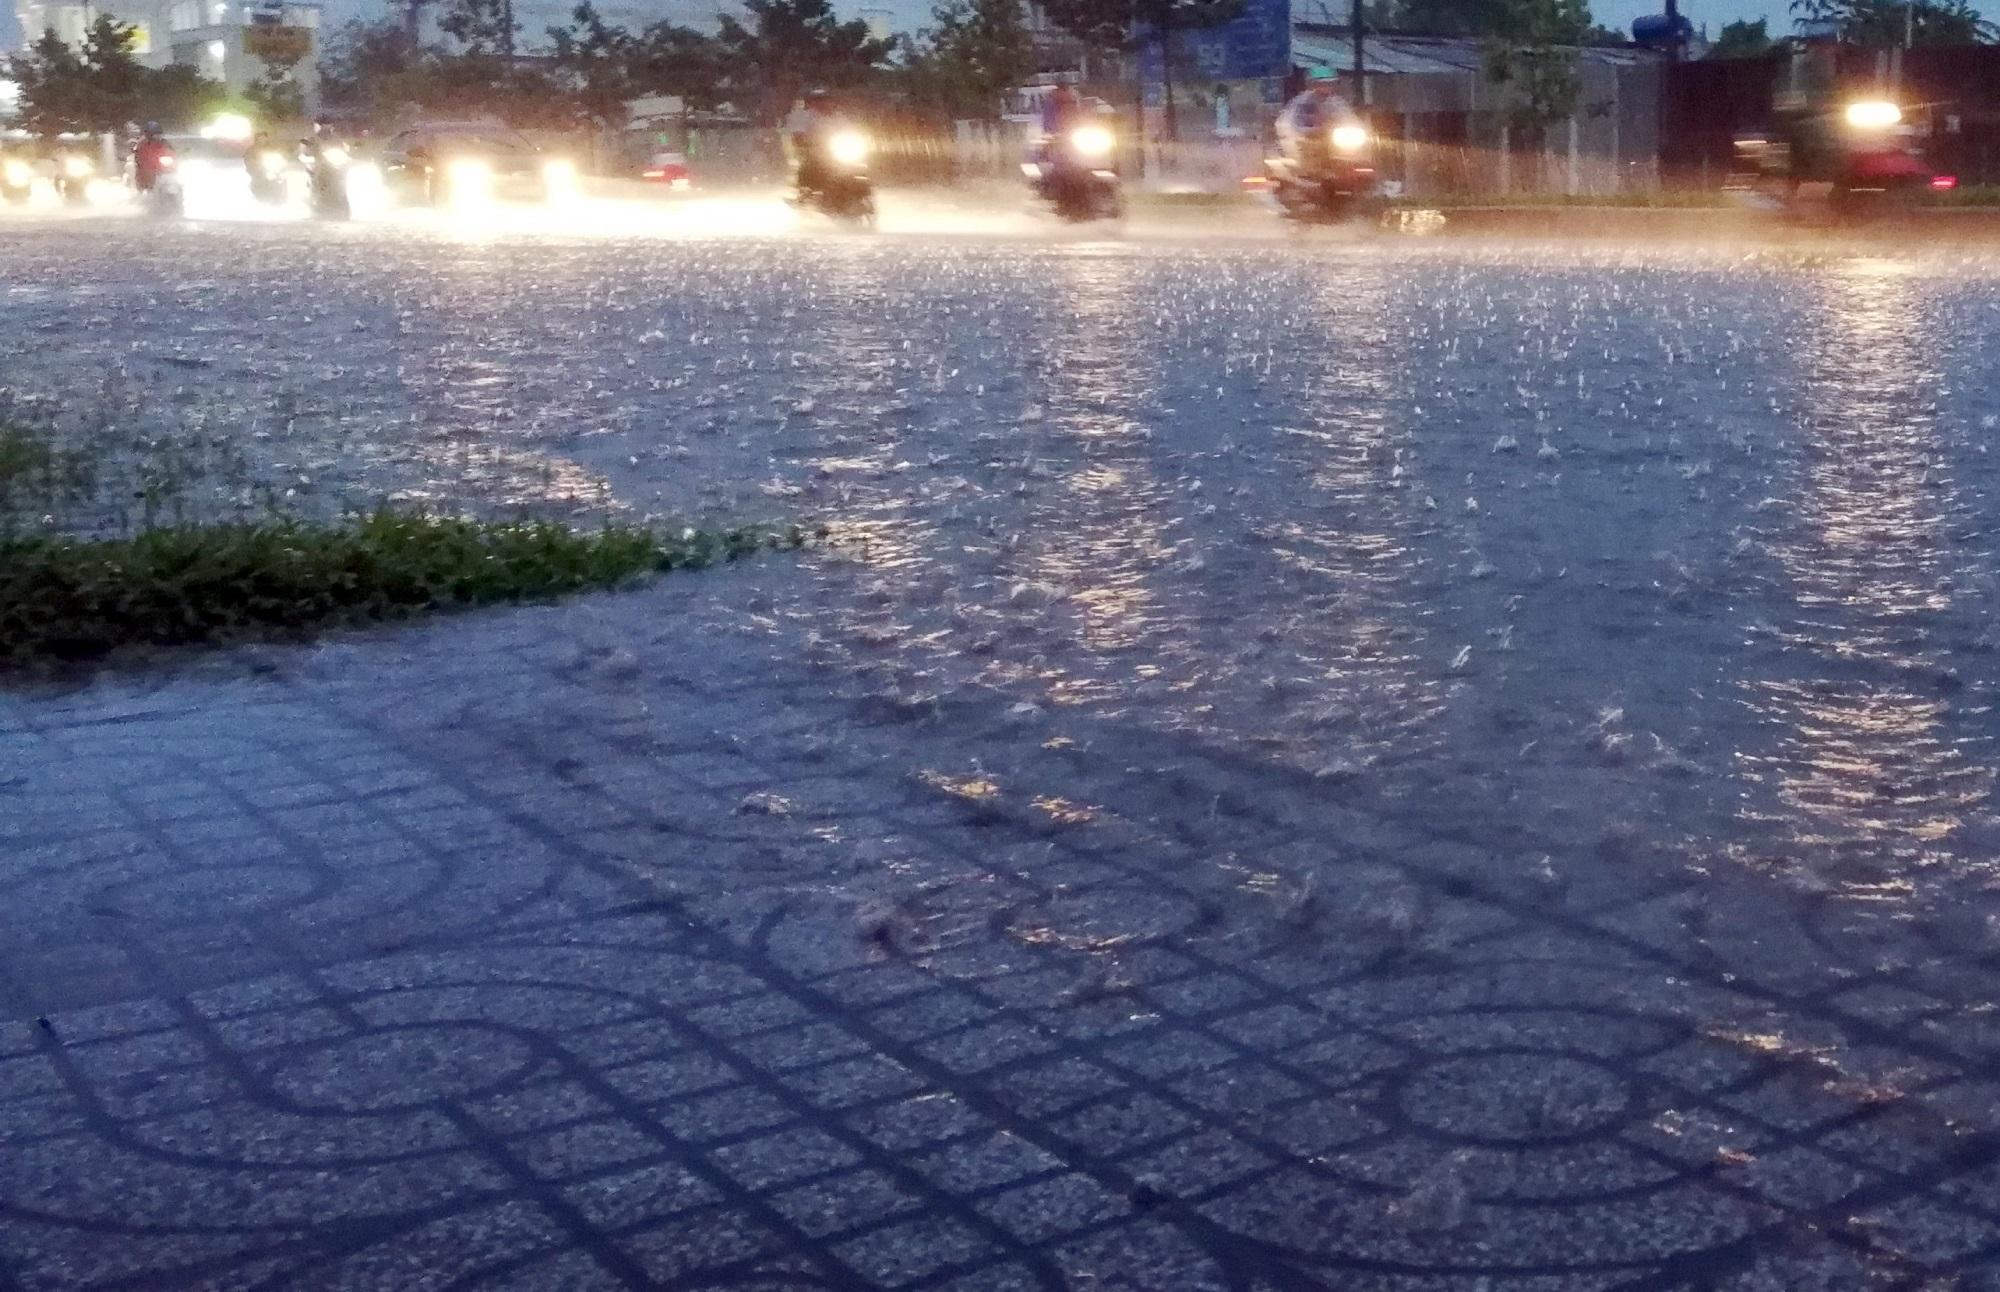 Sài Gòn ngập kinh hoàng, cây ngã đè người đi xe máy tử vong trong tâm bão - Ảnh 5